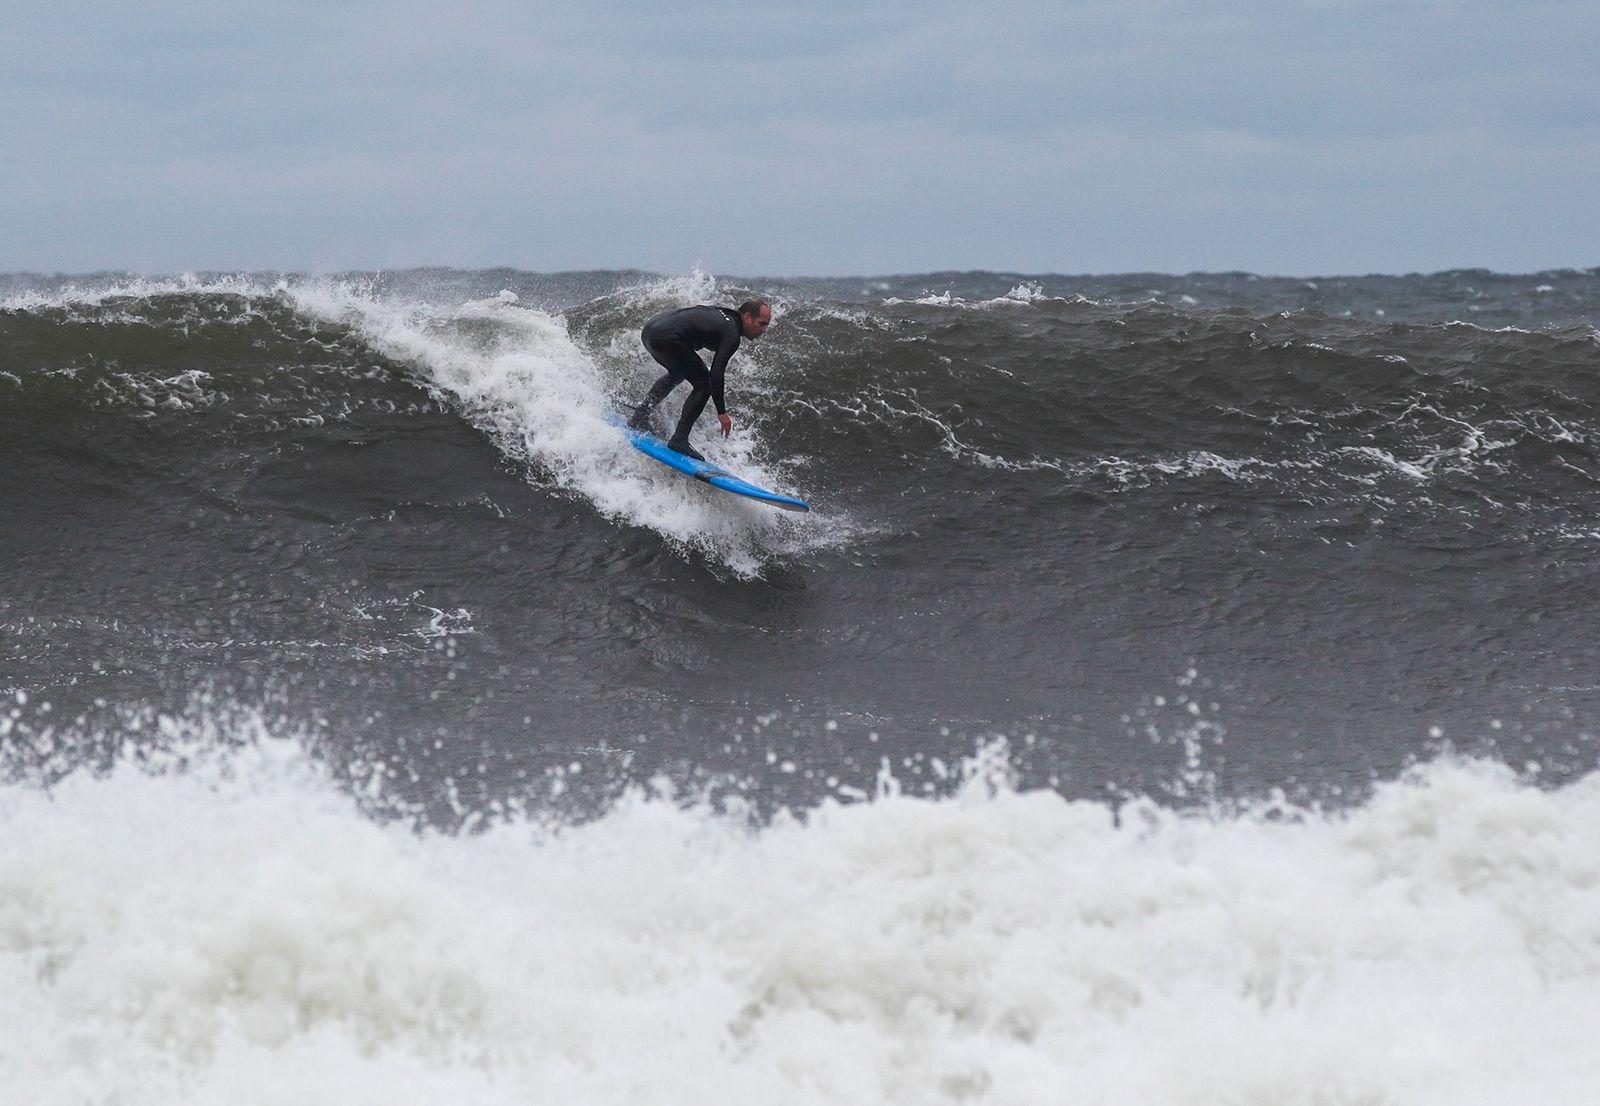 Amerikanen Steve Batten, som bott många år på Hawaii, imponerades av kvaliteten på Östersjöns vågor och förutsättningarna för vågsurf på Österlen.